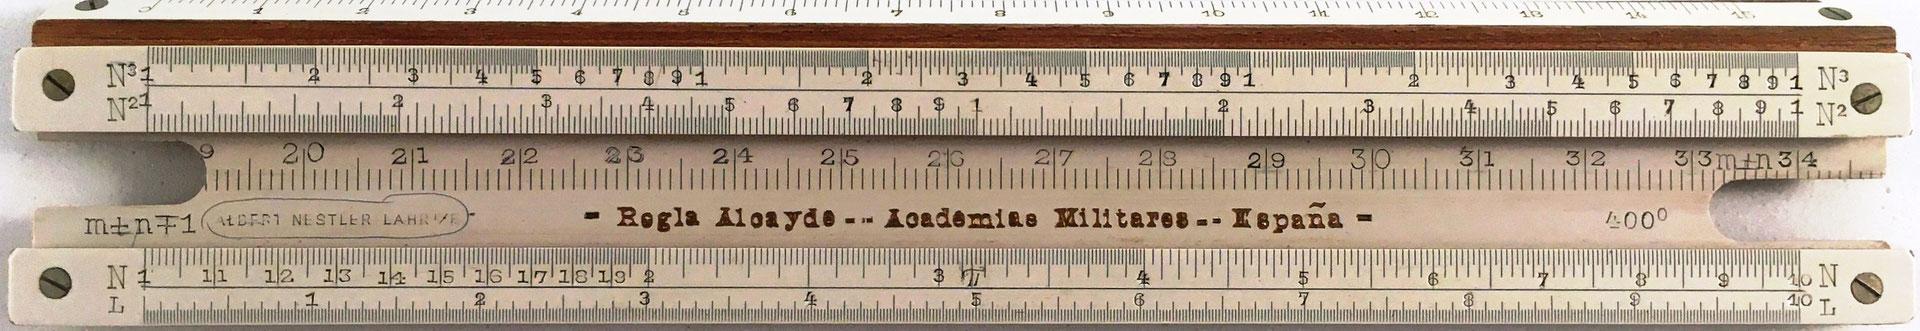 Regla Alcayde para las Academias Militares de España, encargada su fabricación a la casa alemana Nestler, año 1914